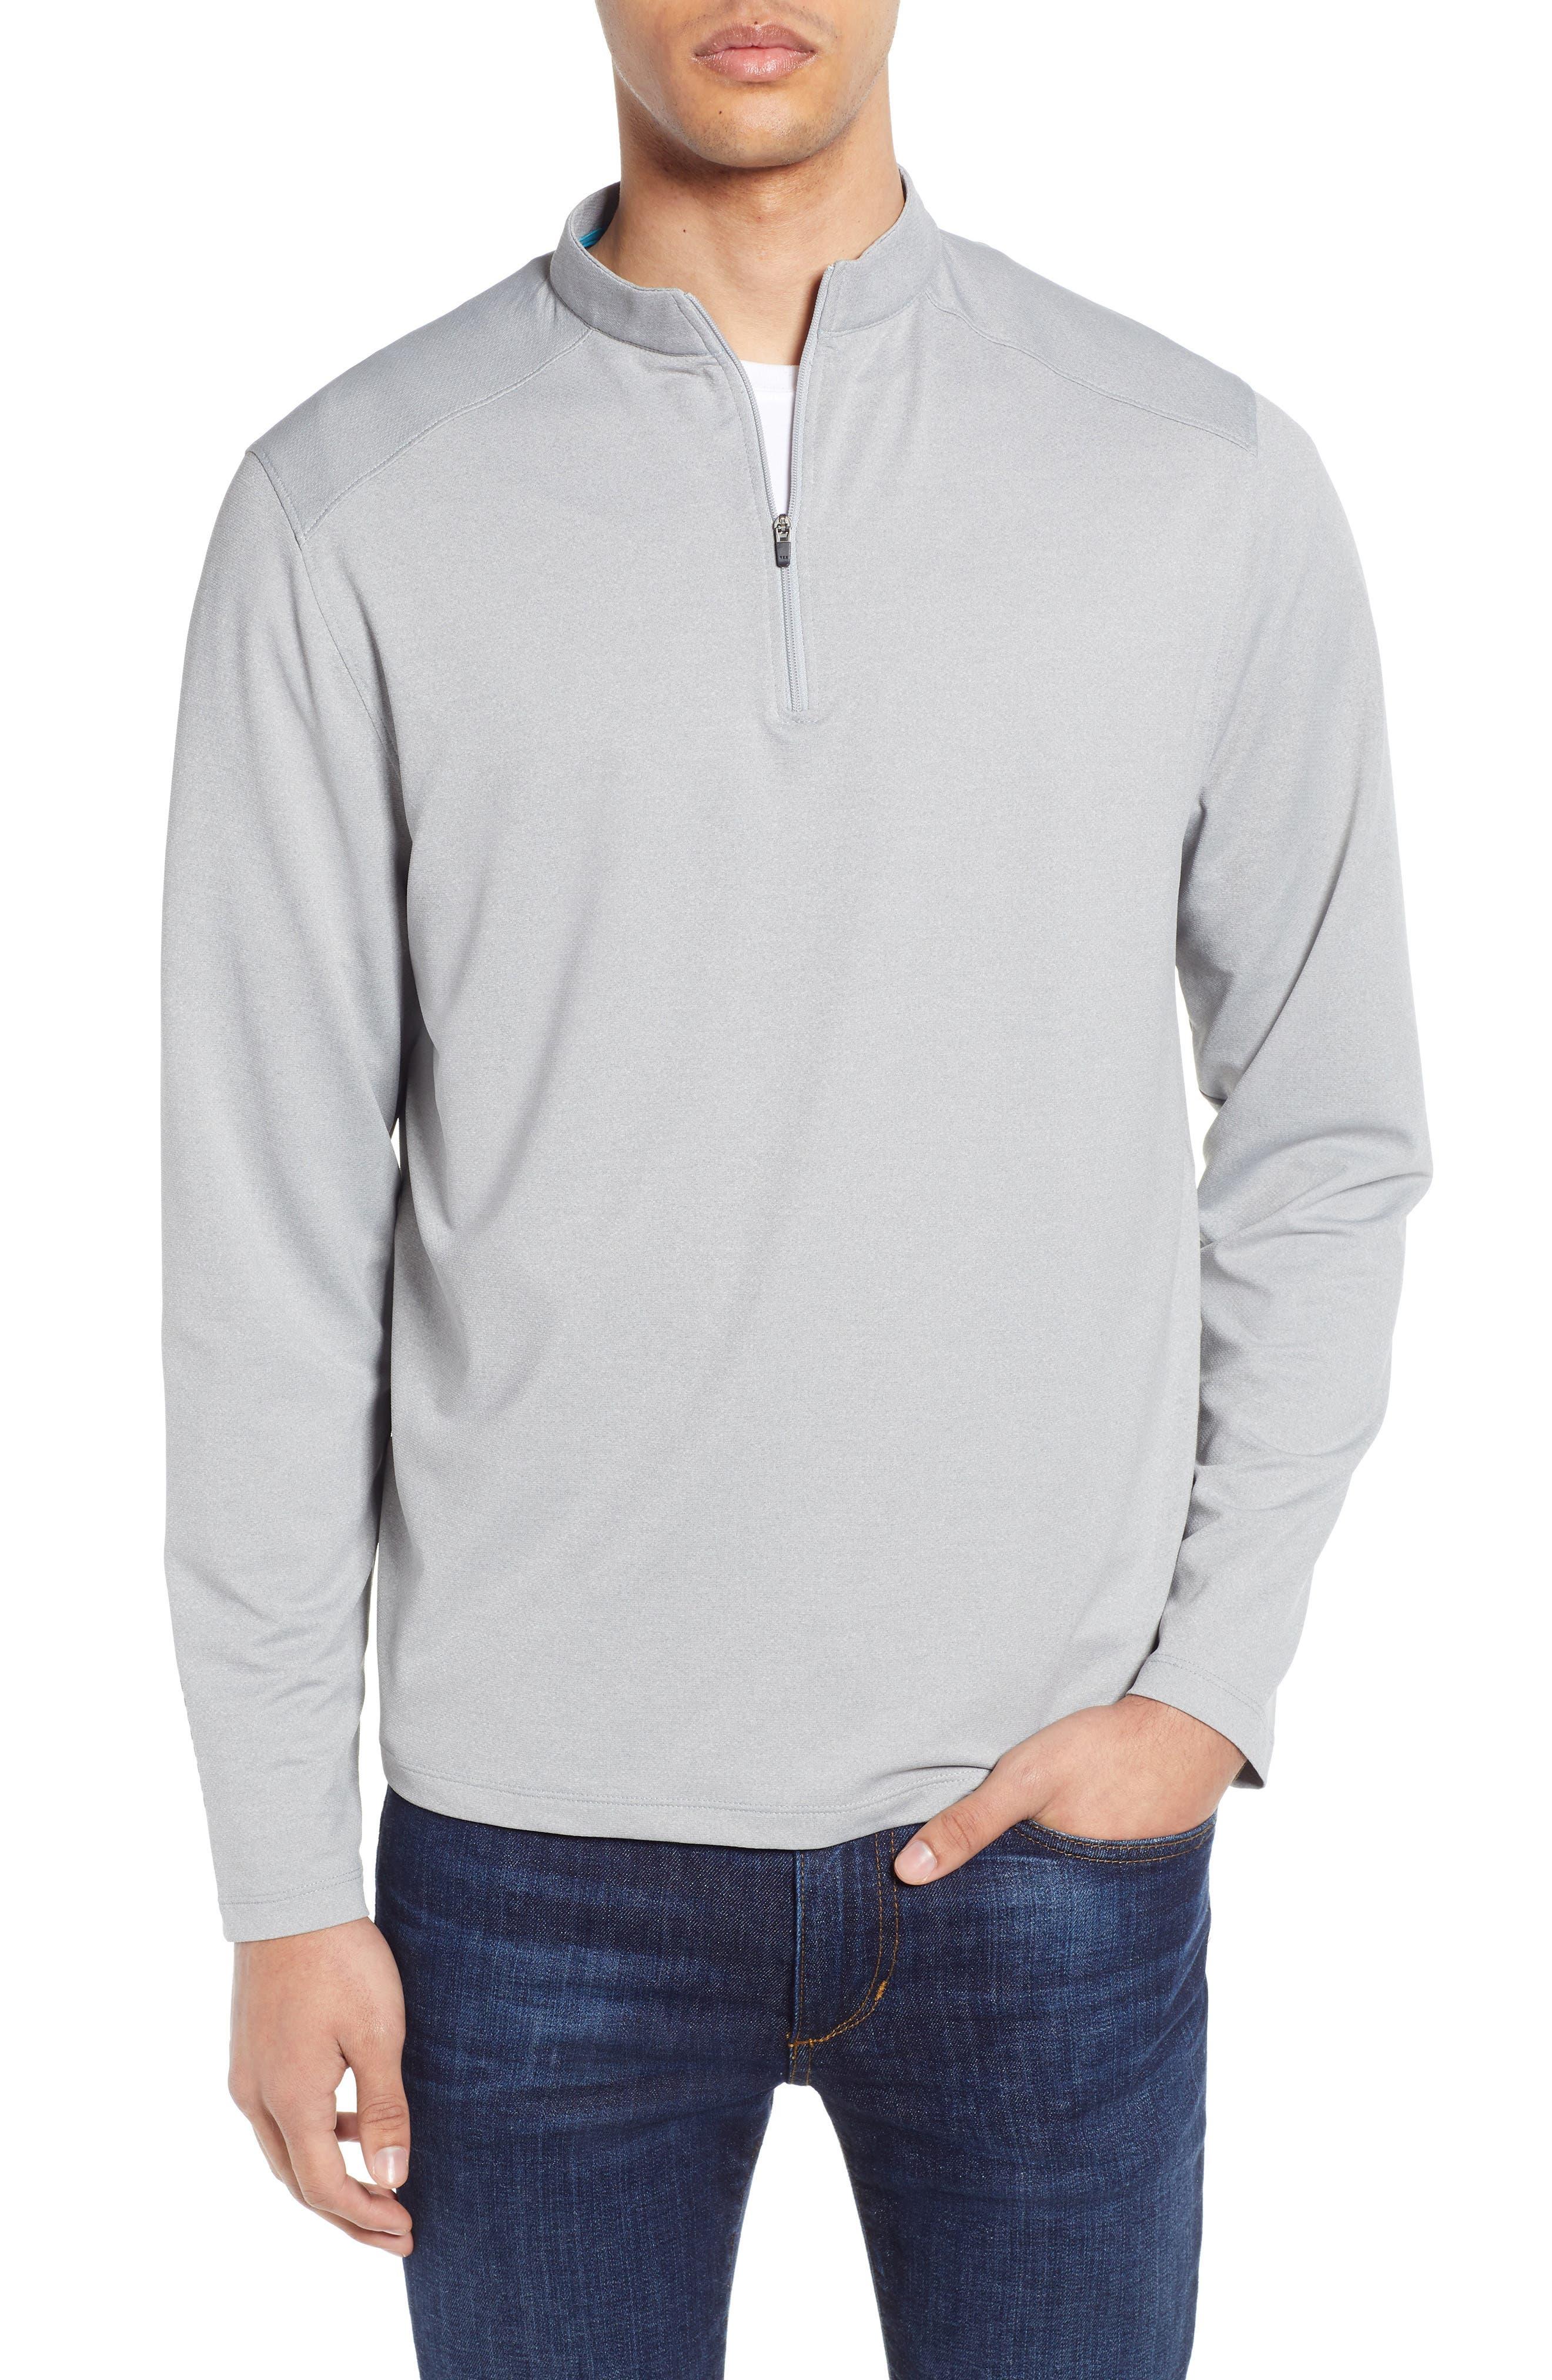 DEVEREUX, Lay-Low Half Zip Pullover, Main thumbnail 1, color, ASPHALT